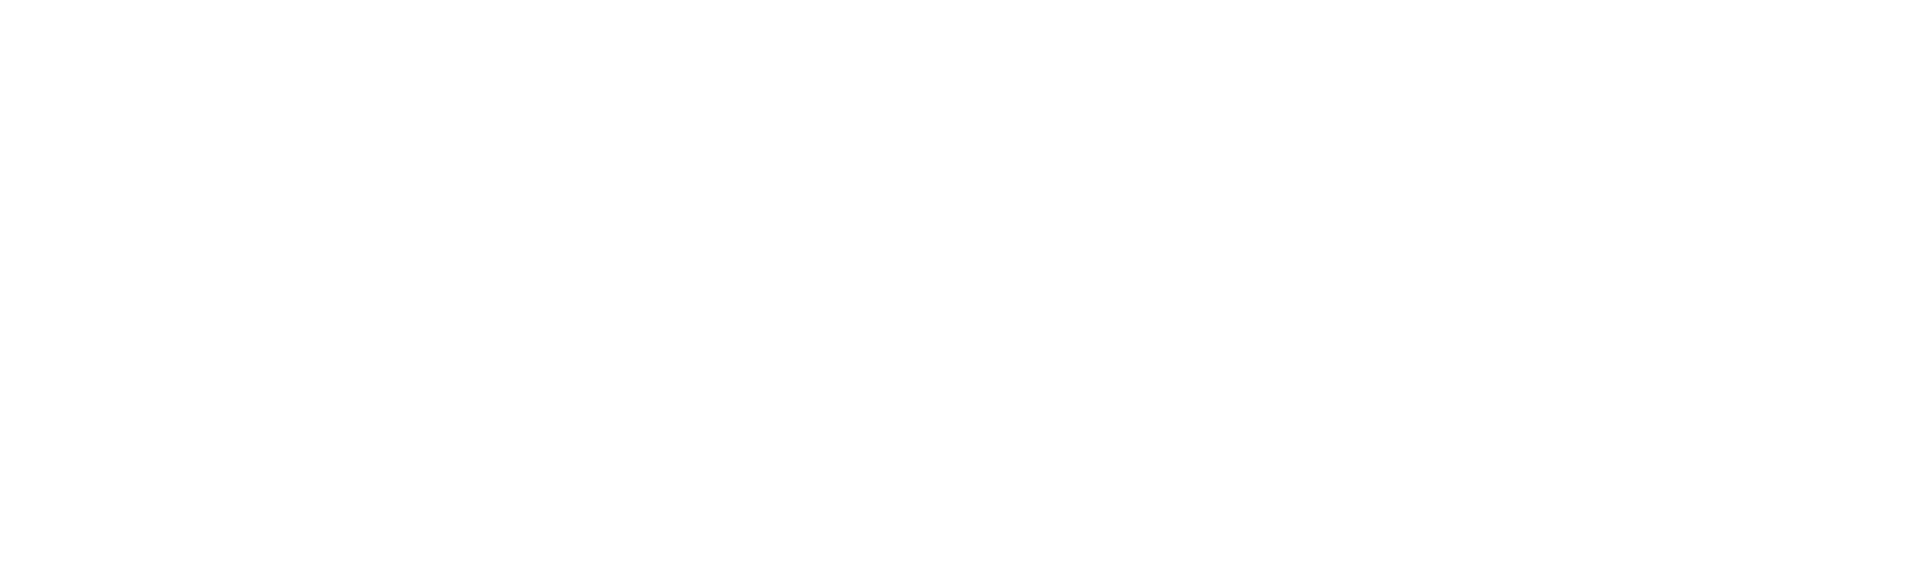 Kepler Vision Technologies